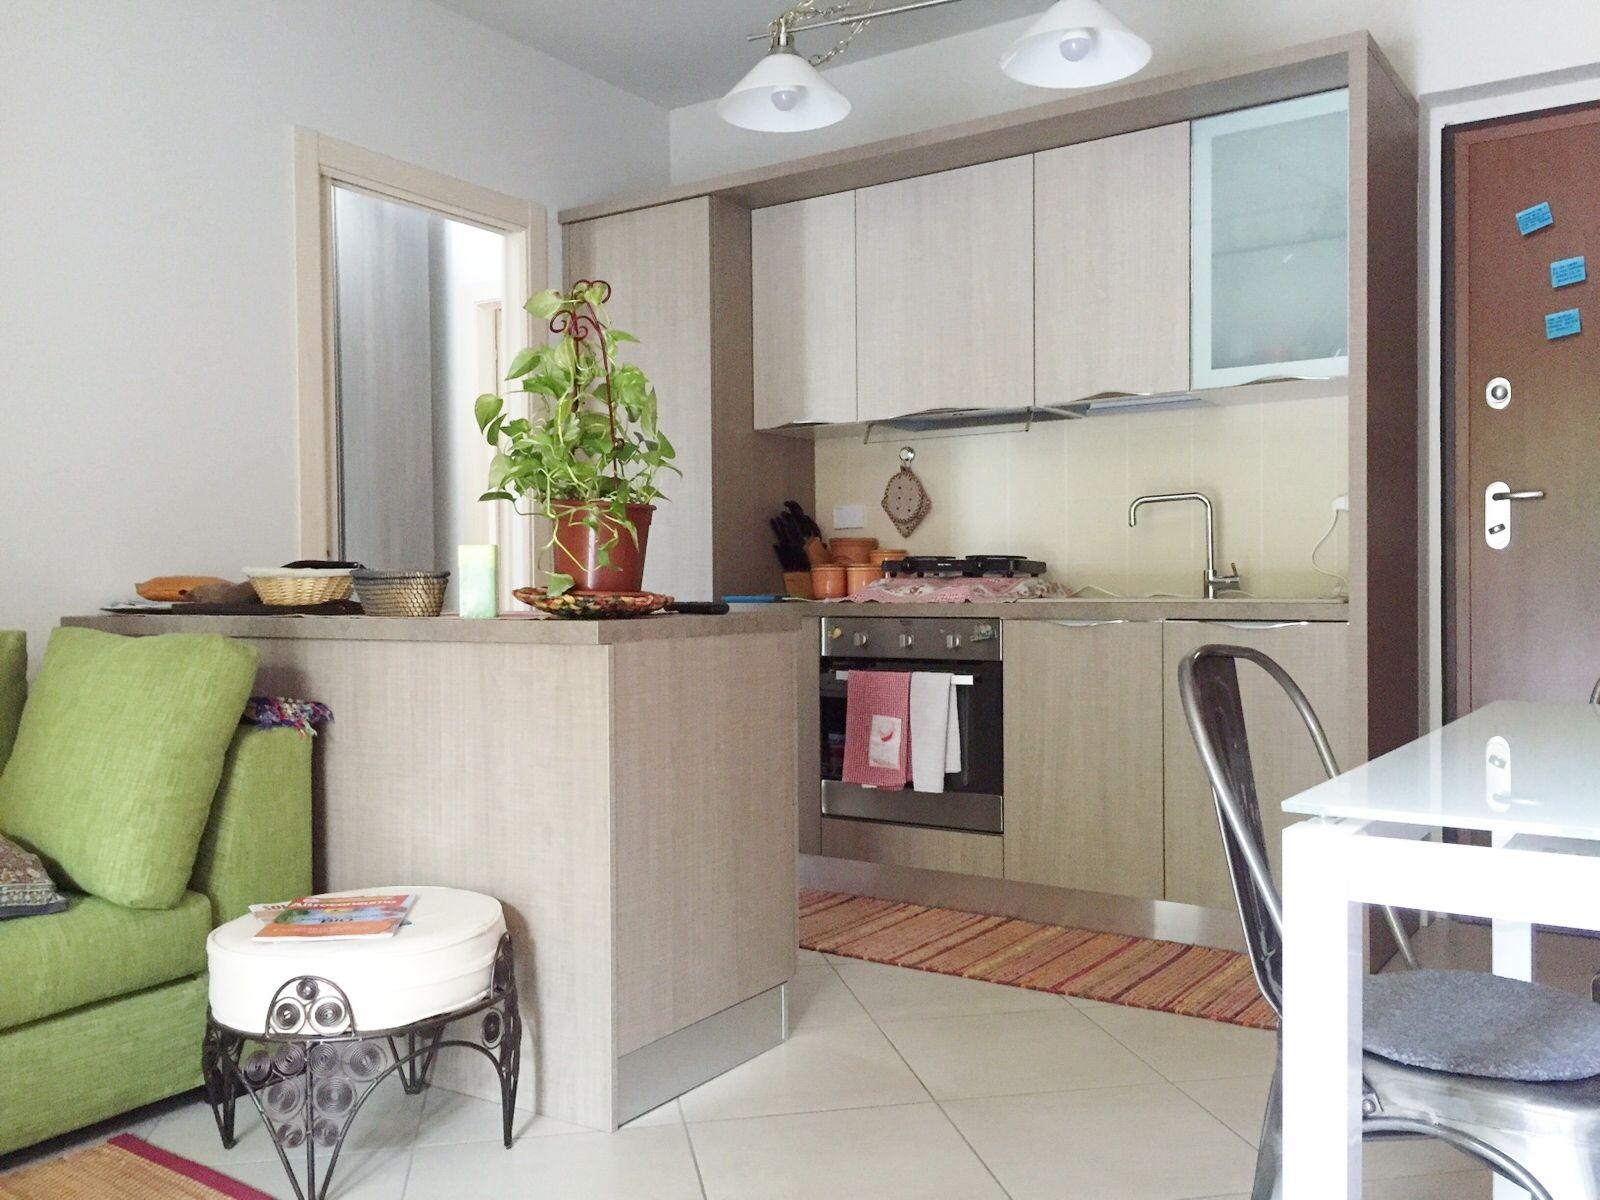 Abbiamo 5 alloggi in vendita per la tua ricerca di casa ristrutturare noventa vicentina a partire da 30.000€. Soggiorno Rettangolare 20 Mq 2022 Fundomega1 Com